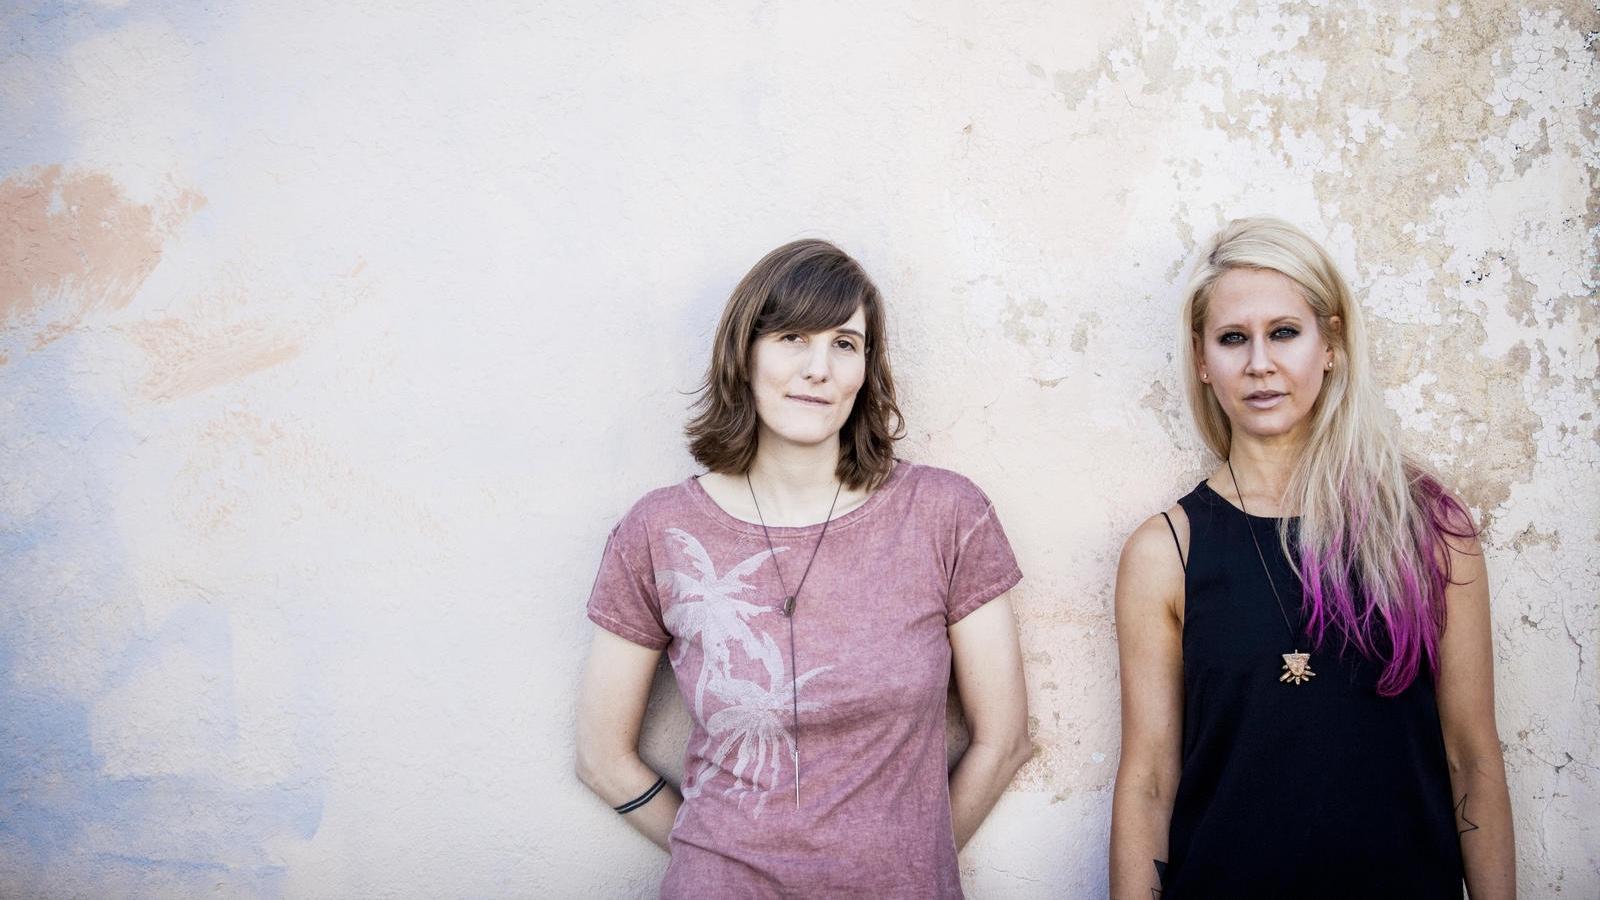 BIld: Loftän / Sam Gehrke